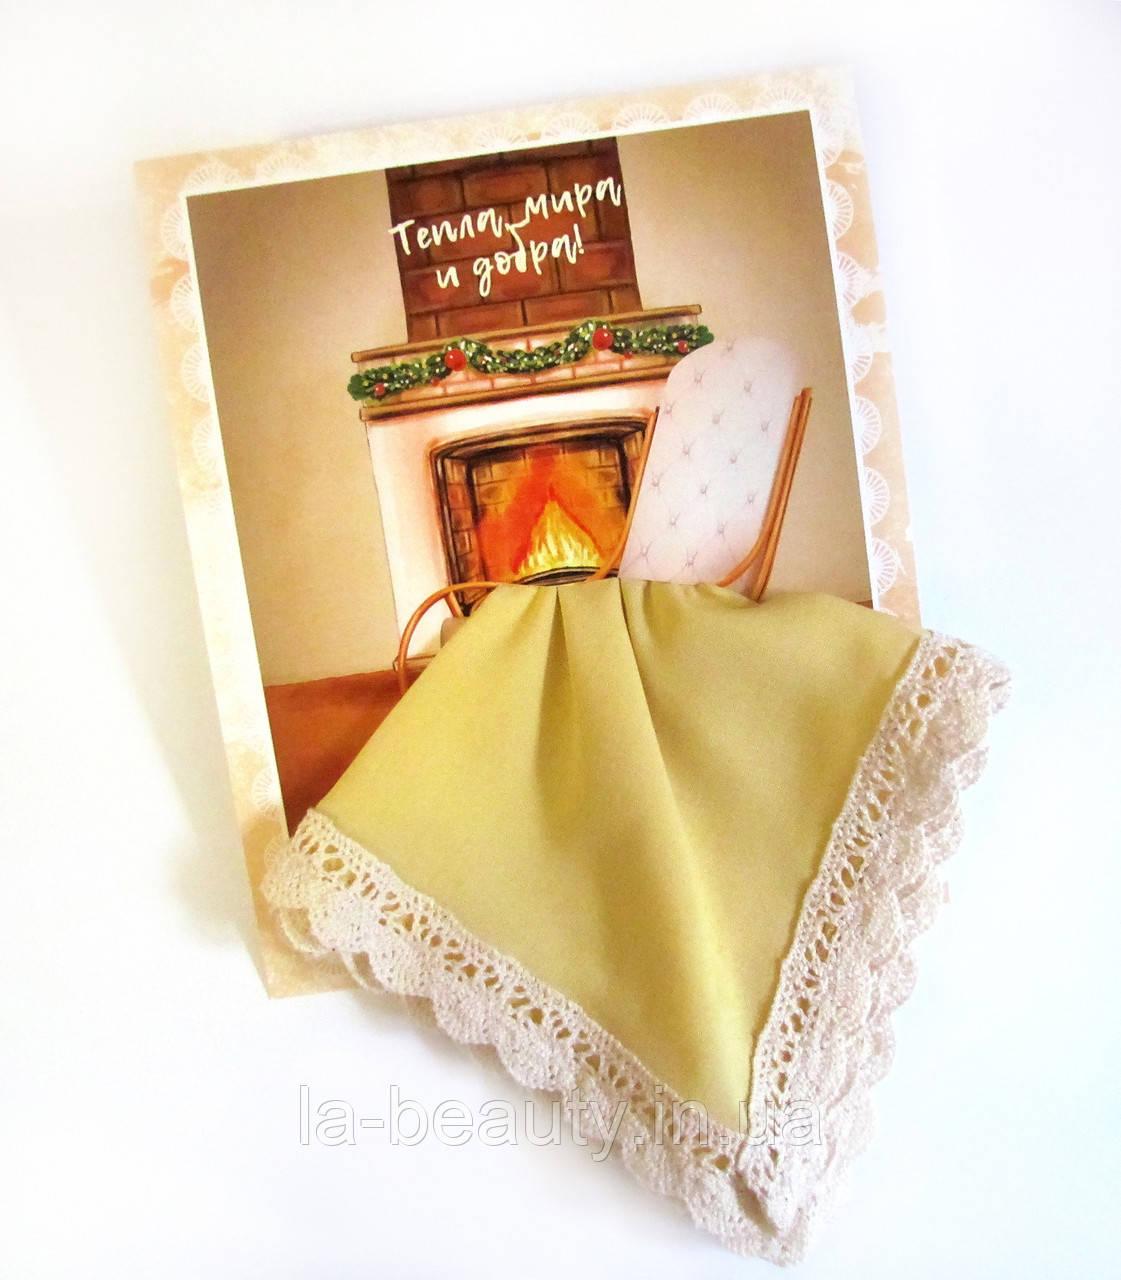 Подарочный носовой платок Тепла, мира и добра! желтый с кружевом